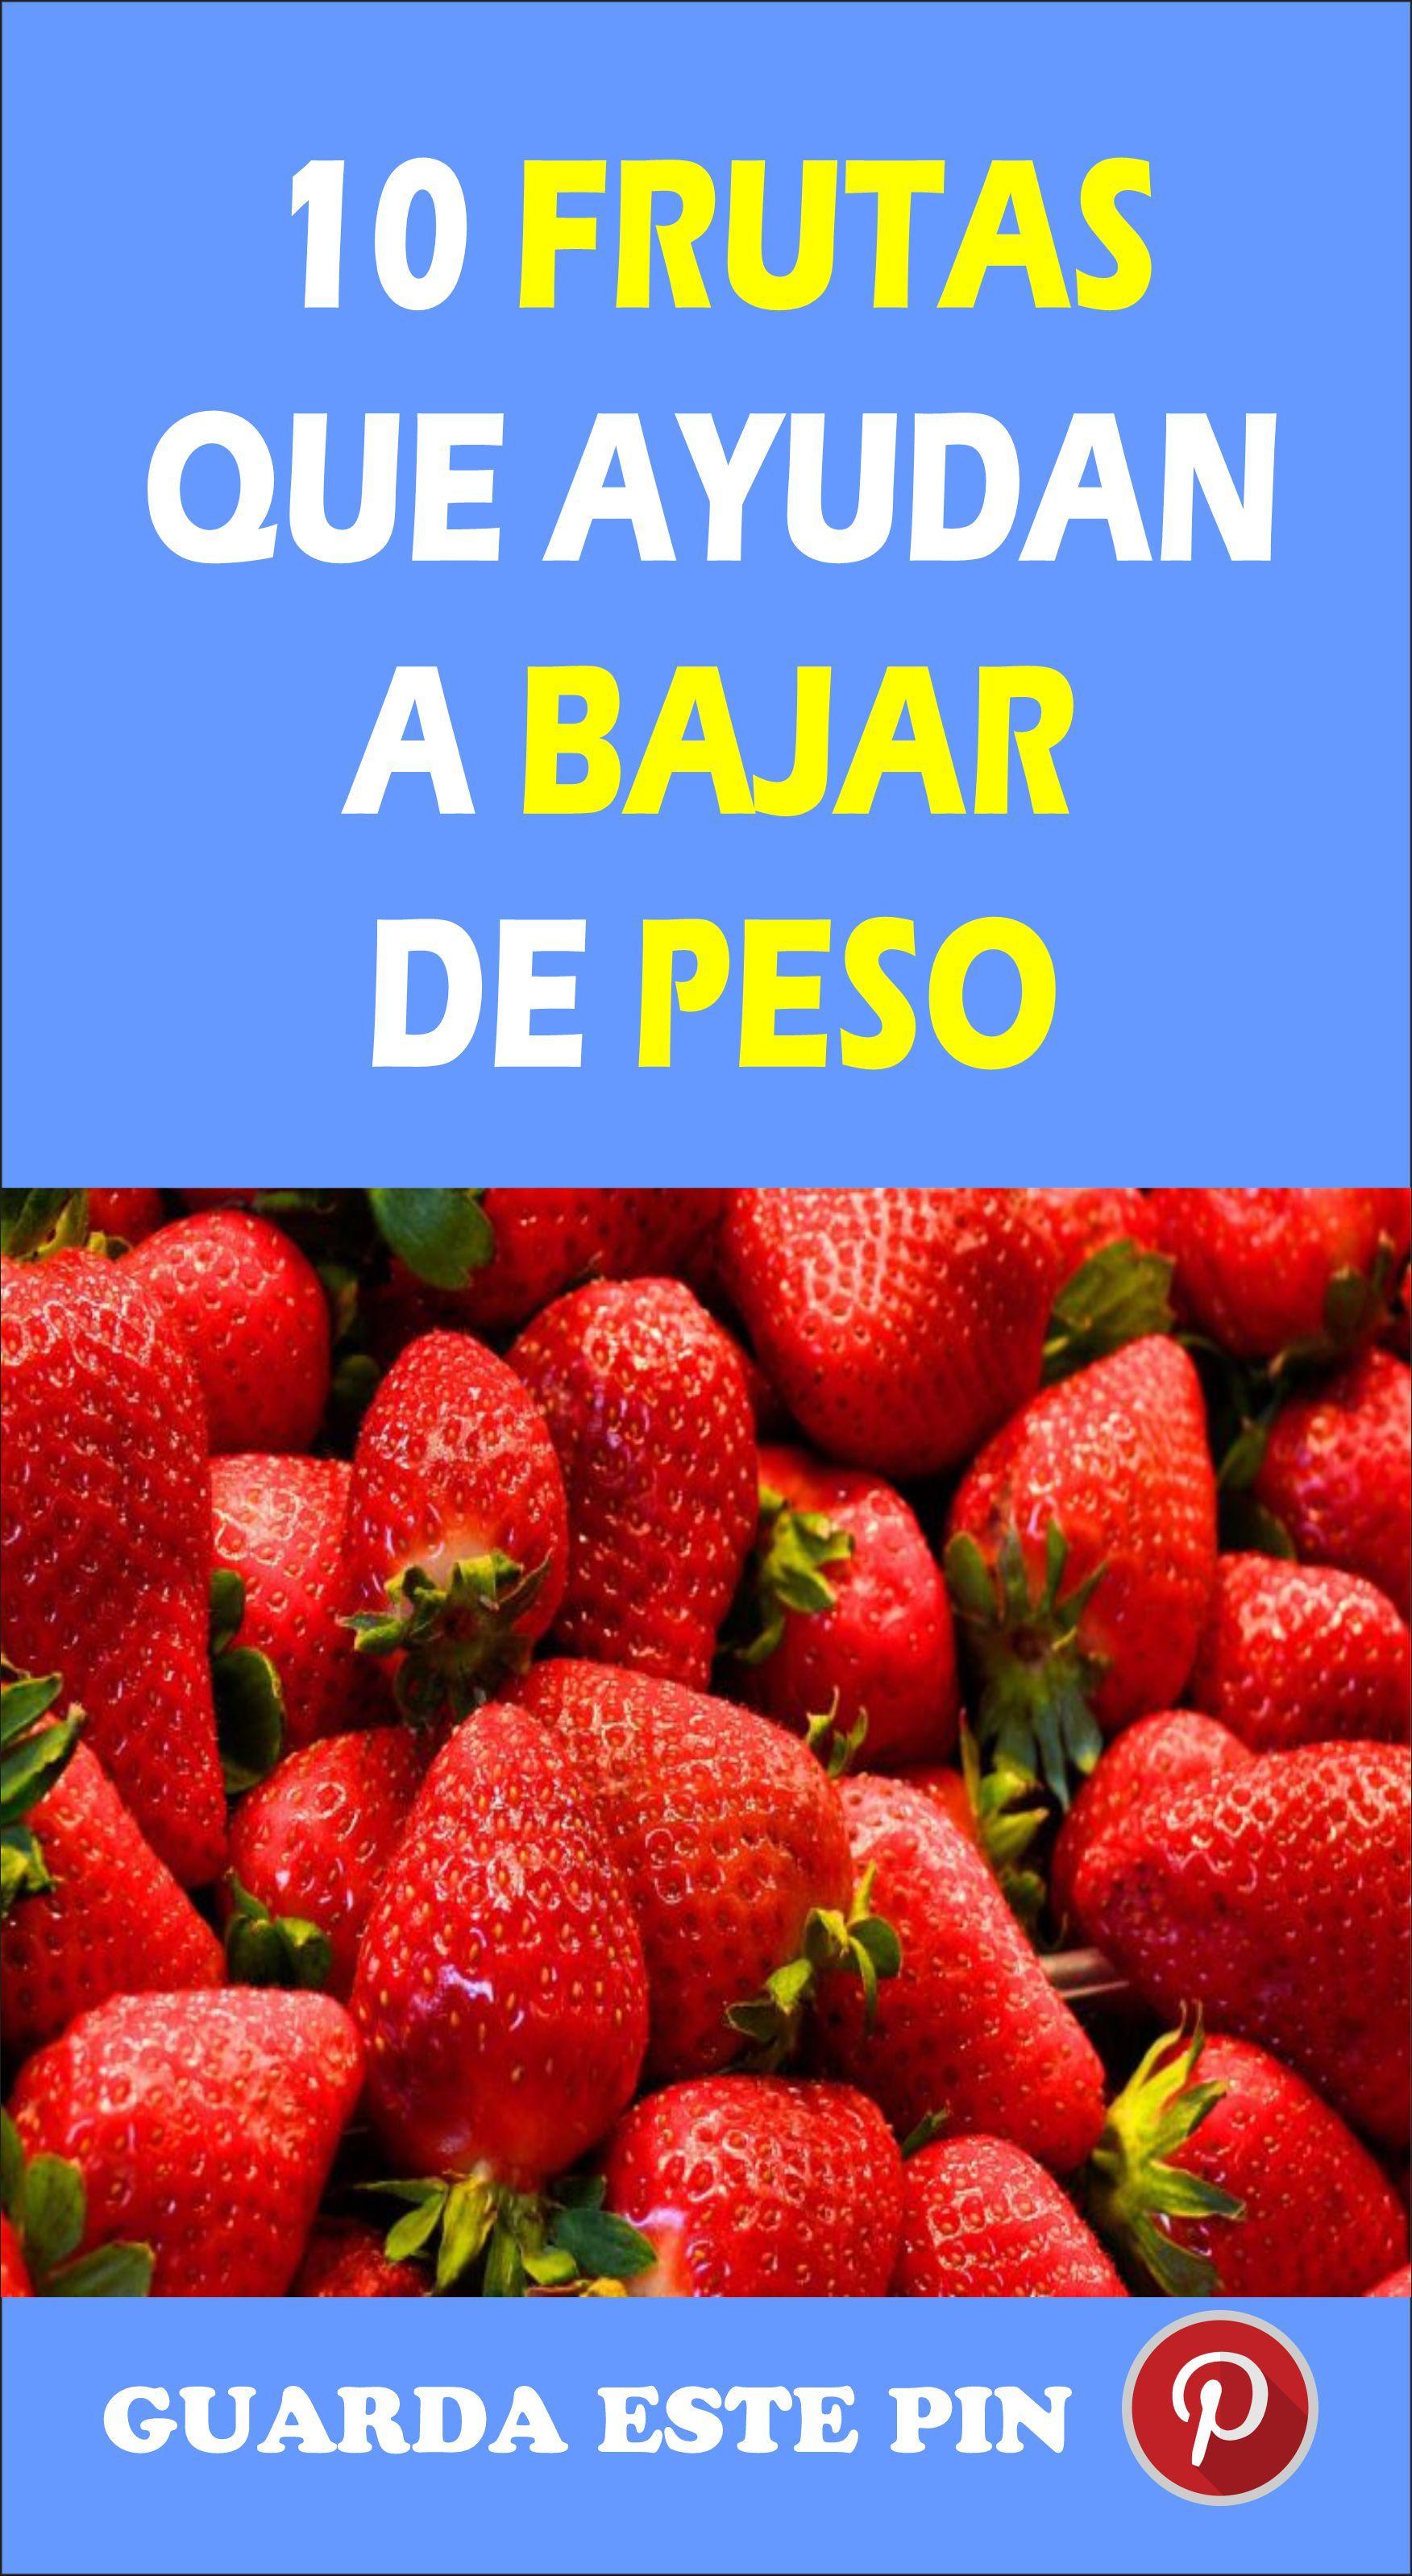 10 Frutas Que Ayudan A Bajar De Peso In 2020 Food Healthy Eating Eat